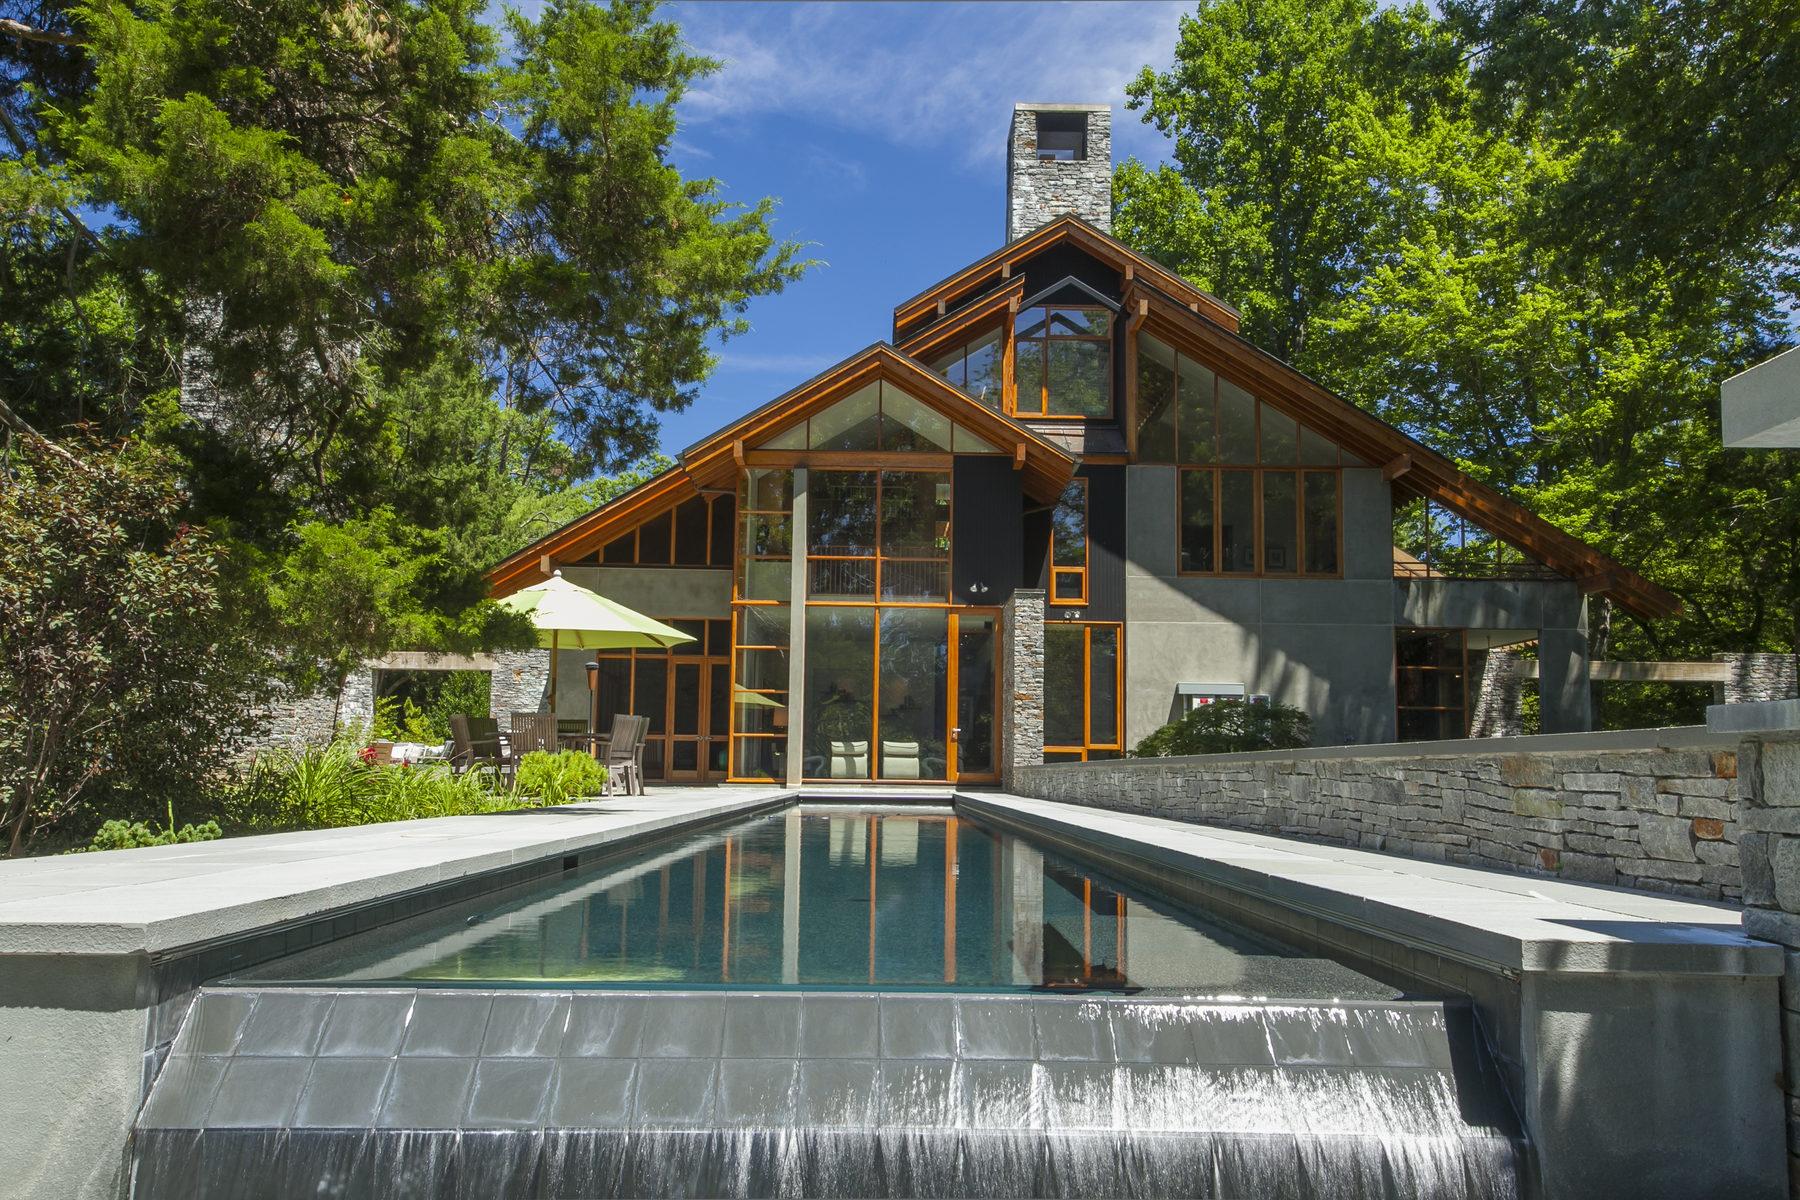 Μονοκατοικία για την Πώληση στο 1012 Langley Hill Drive, McLean McLean, Βιρτζινια 22101 Ηνωμενεσ Πολιτειεσ